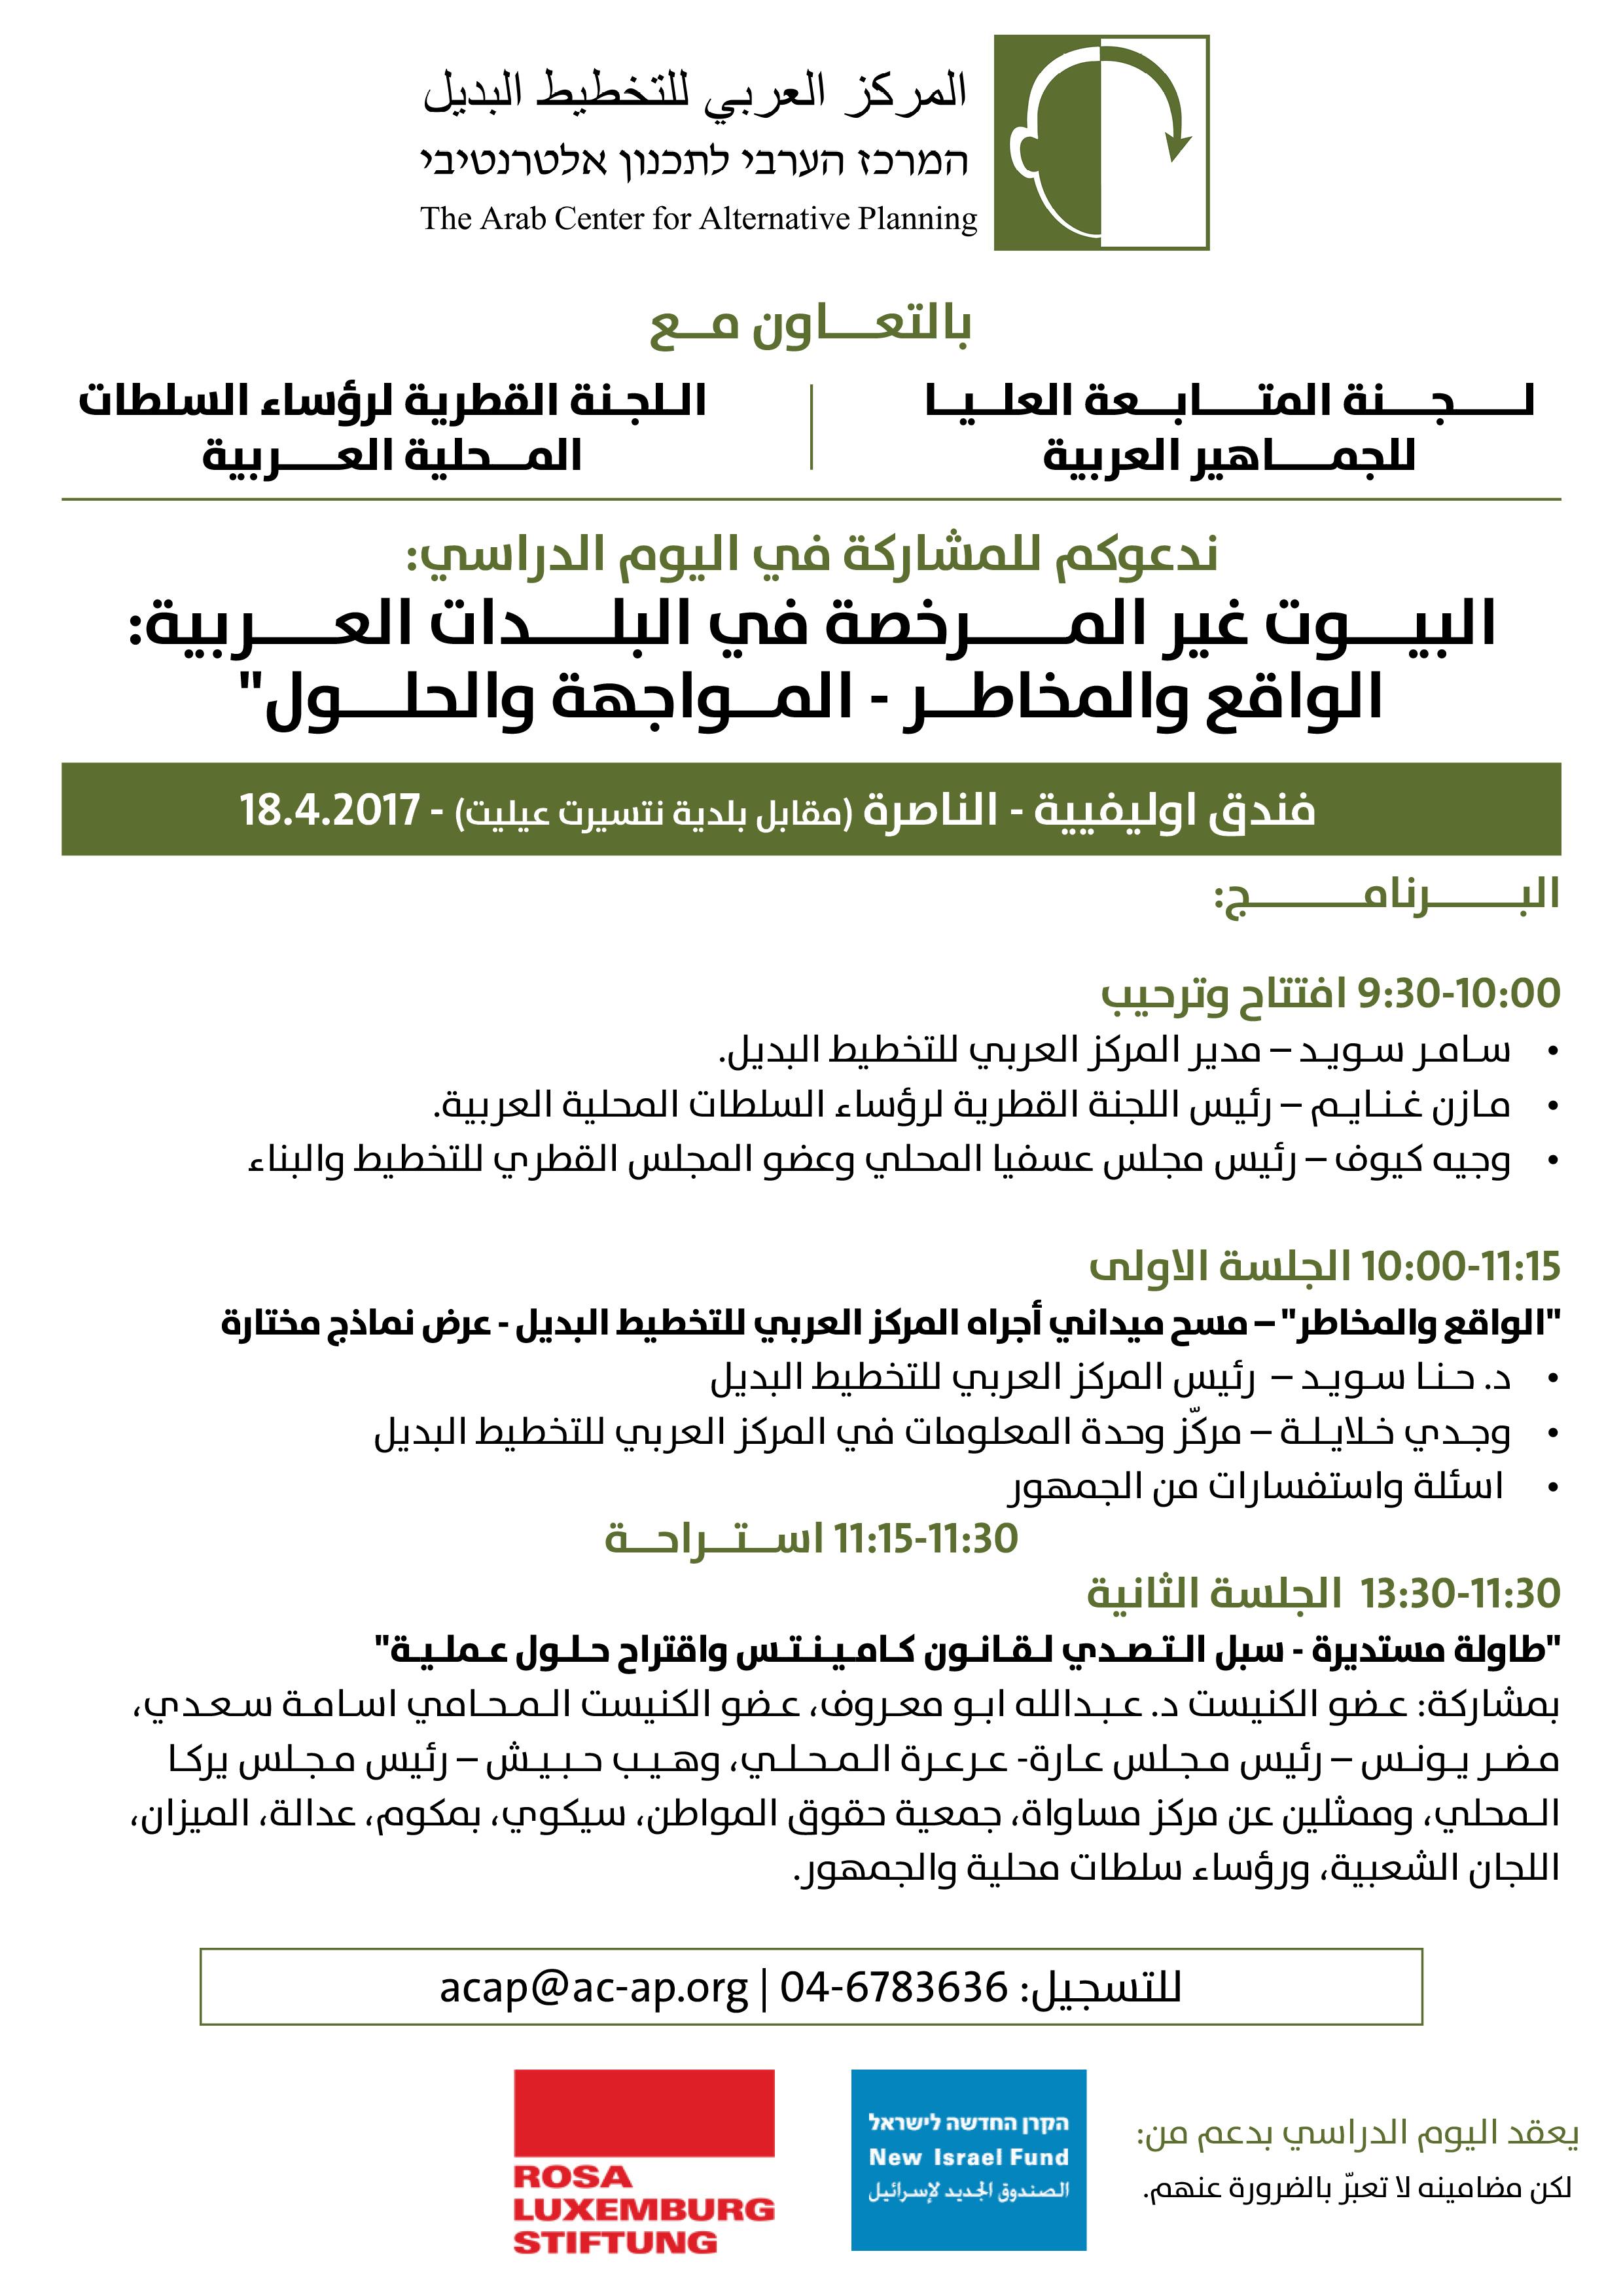 يوم دراسي حول البيوت غير المرخصة في البلدات العربية - 18.04.17